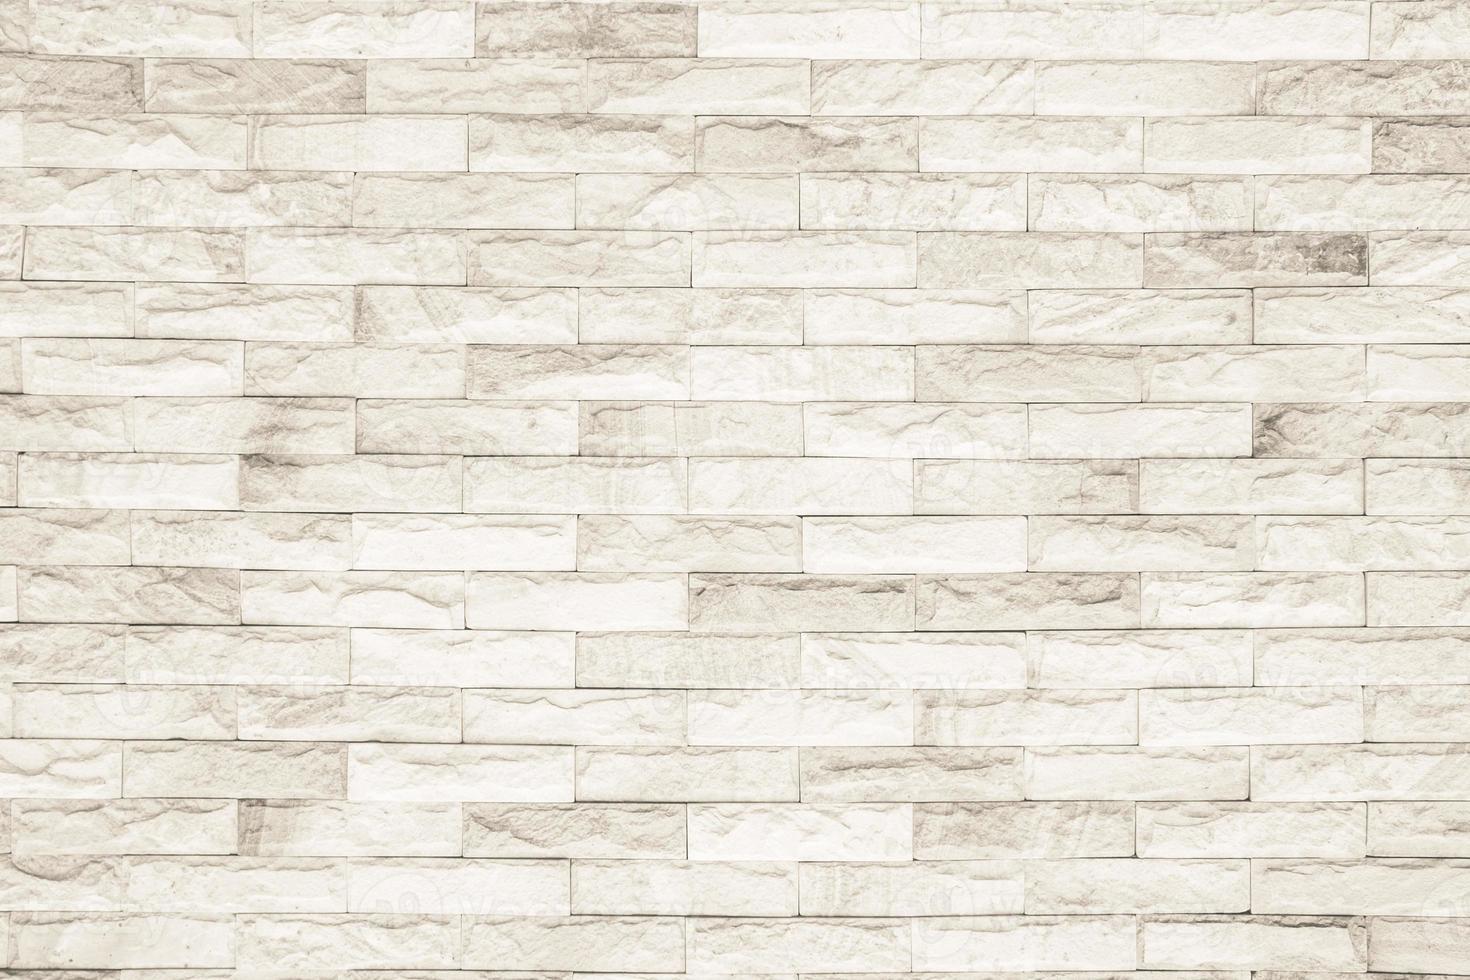 sfondo texture muro di mattoni bianchi e neri foto